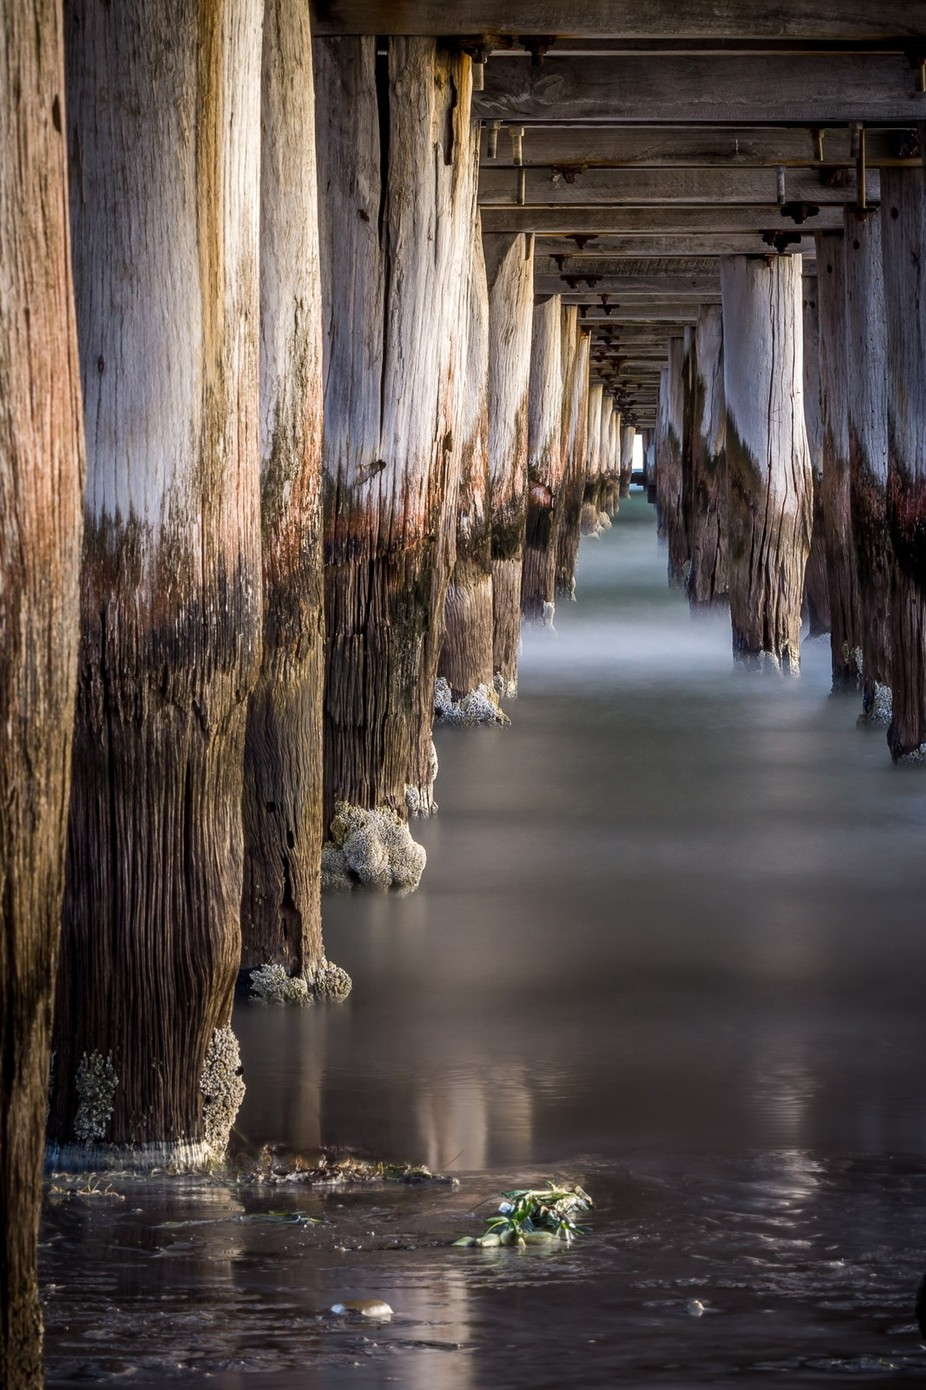 Under the boardwalk by AdamElliott65 - The View Under The Pier Photo Contest